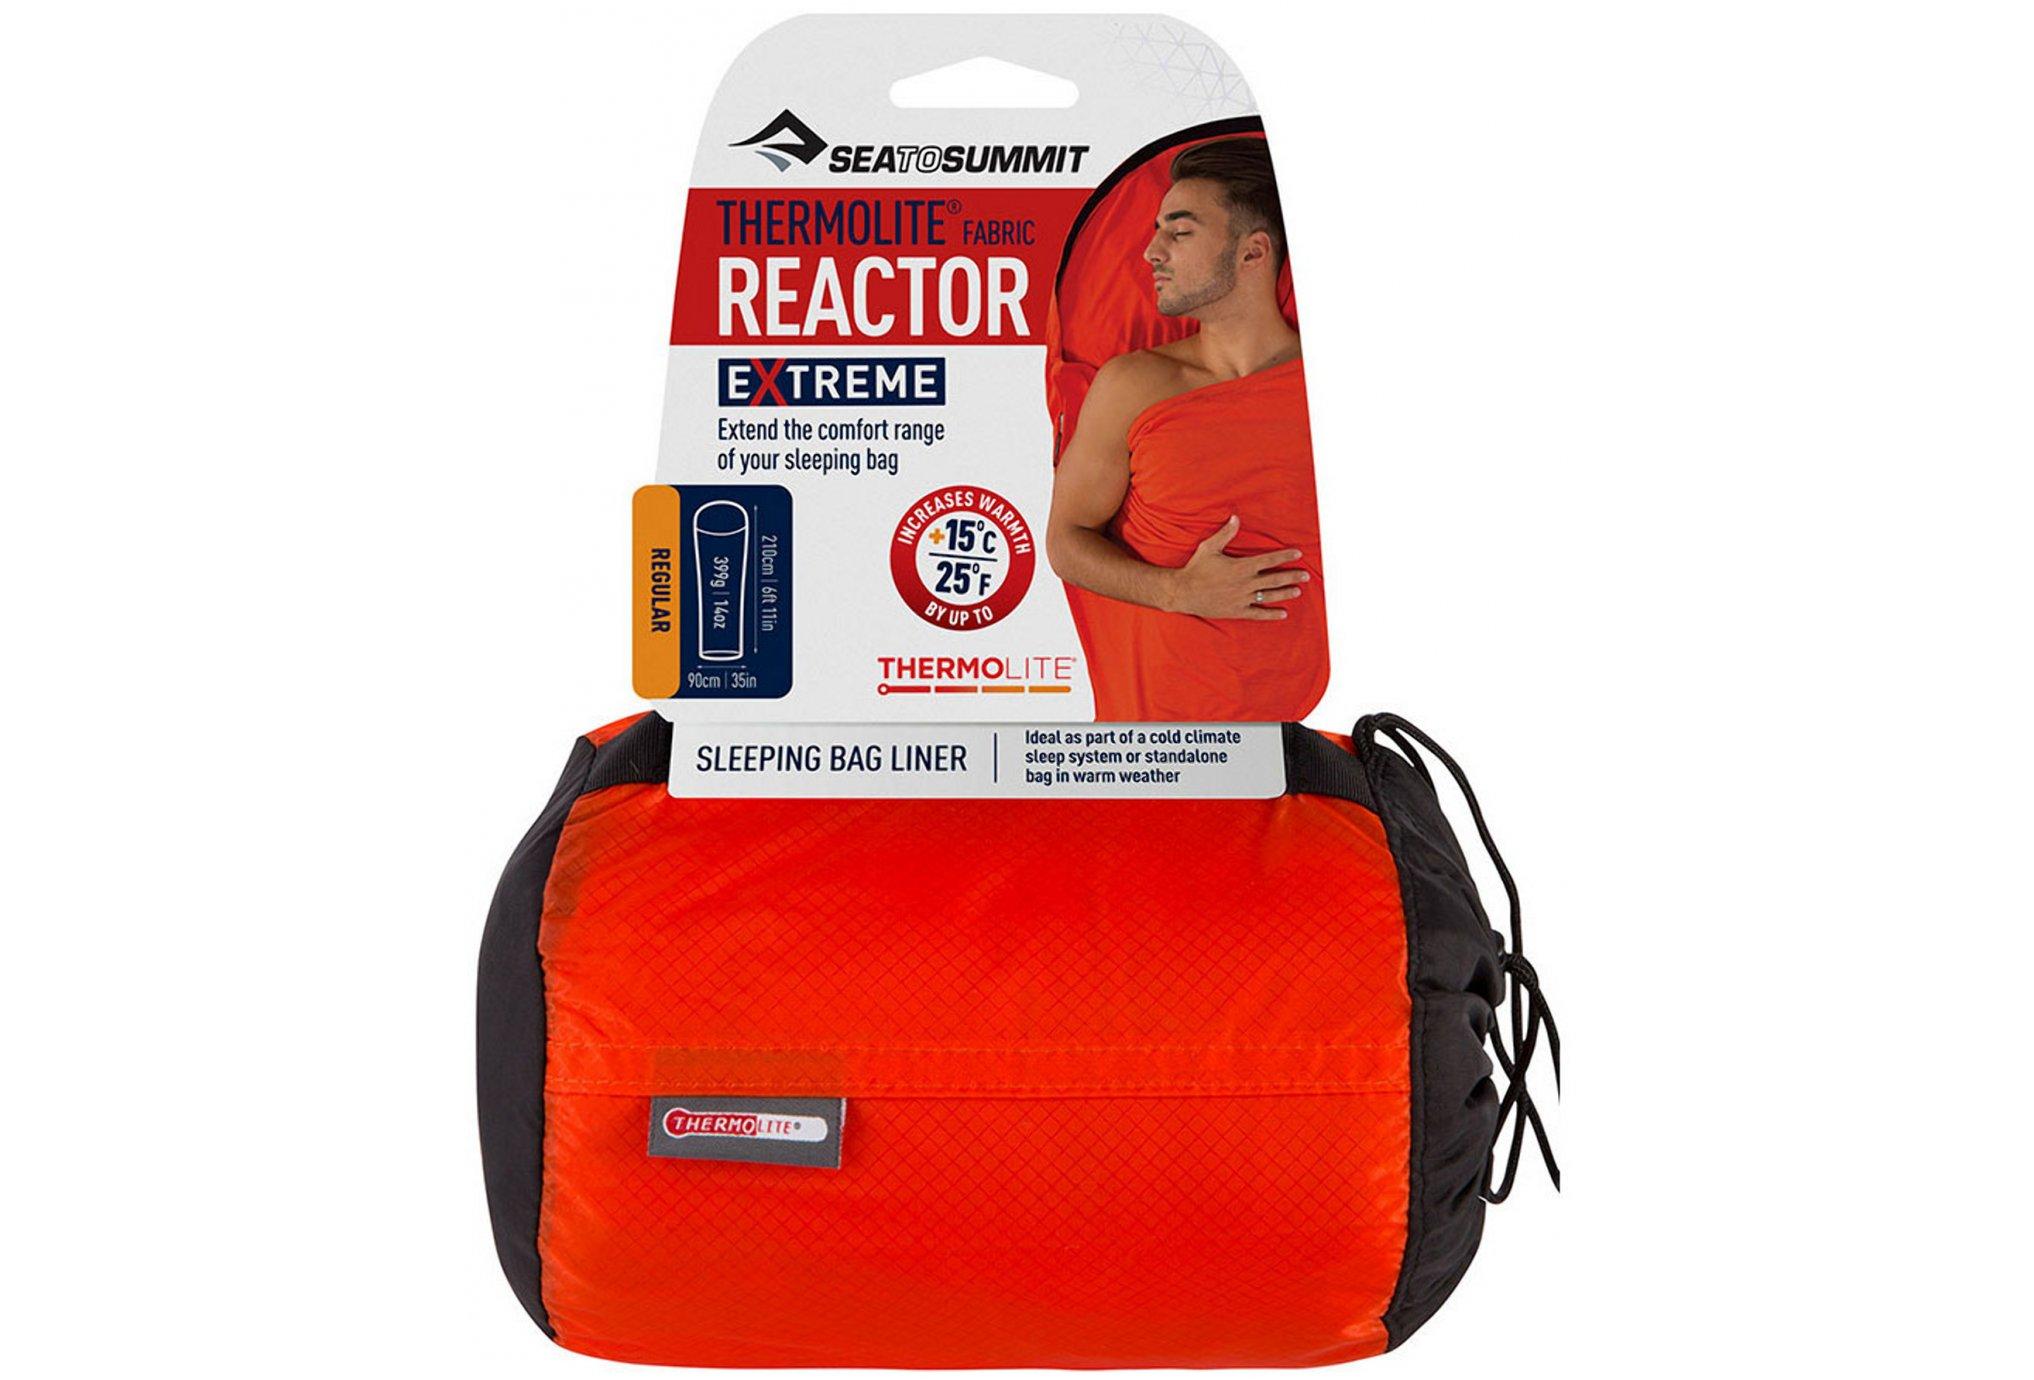 Sea To Summit Drap de sac Thermolite Reactor Extreme - R Sac de couchage